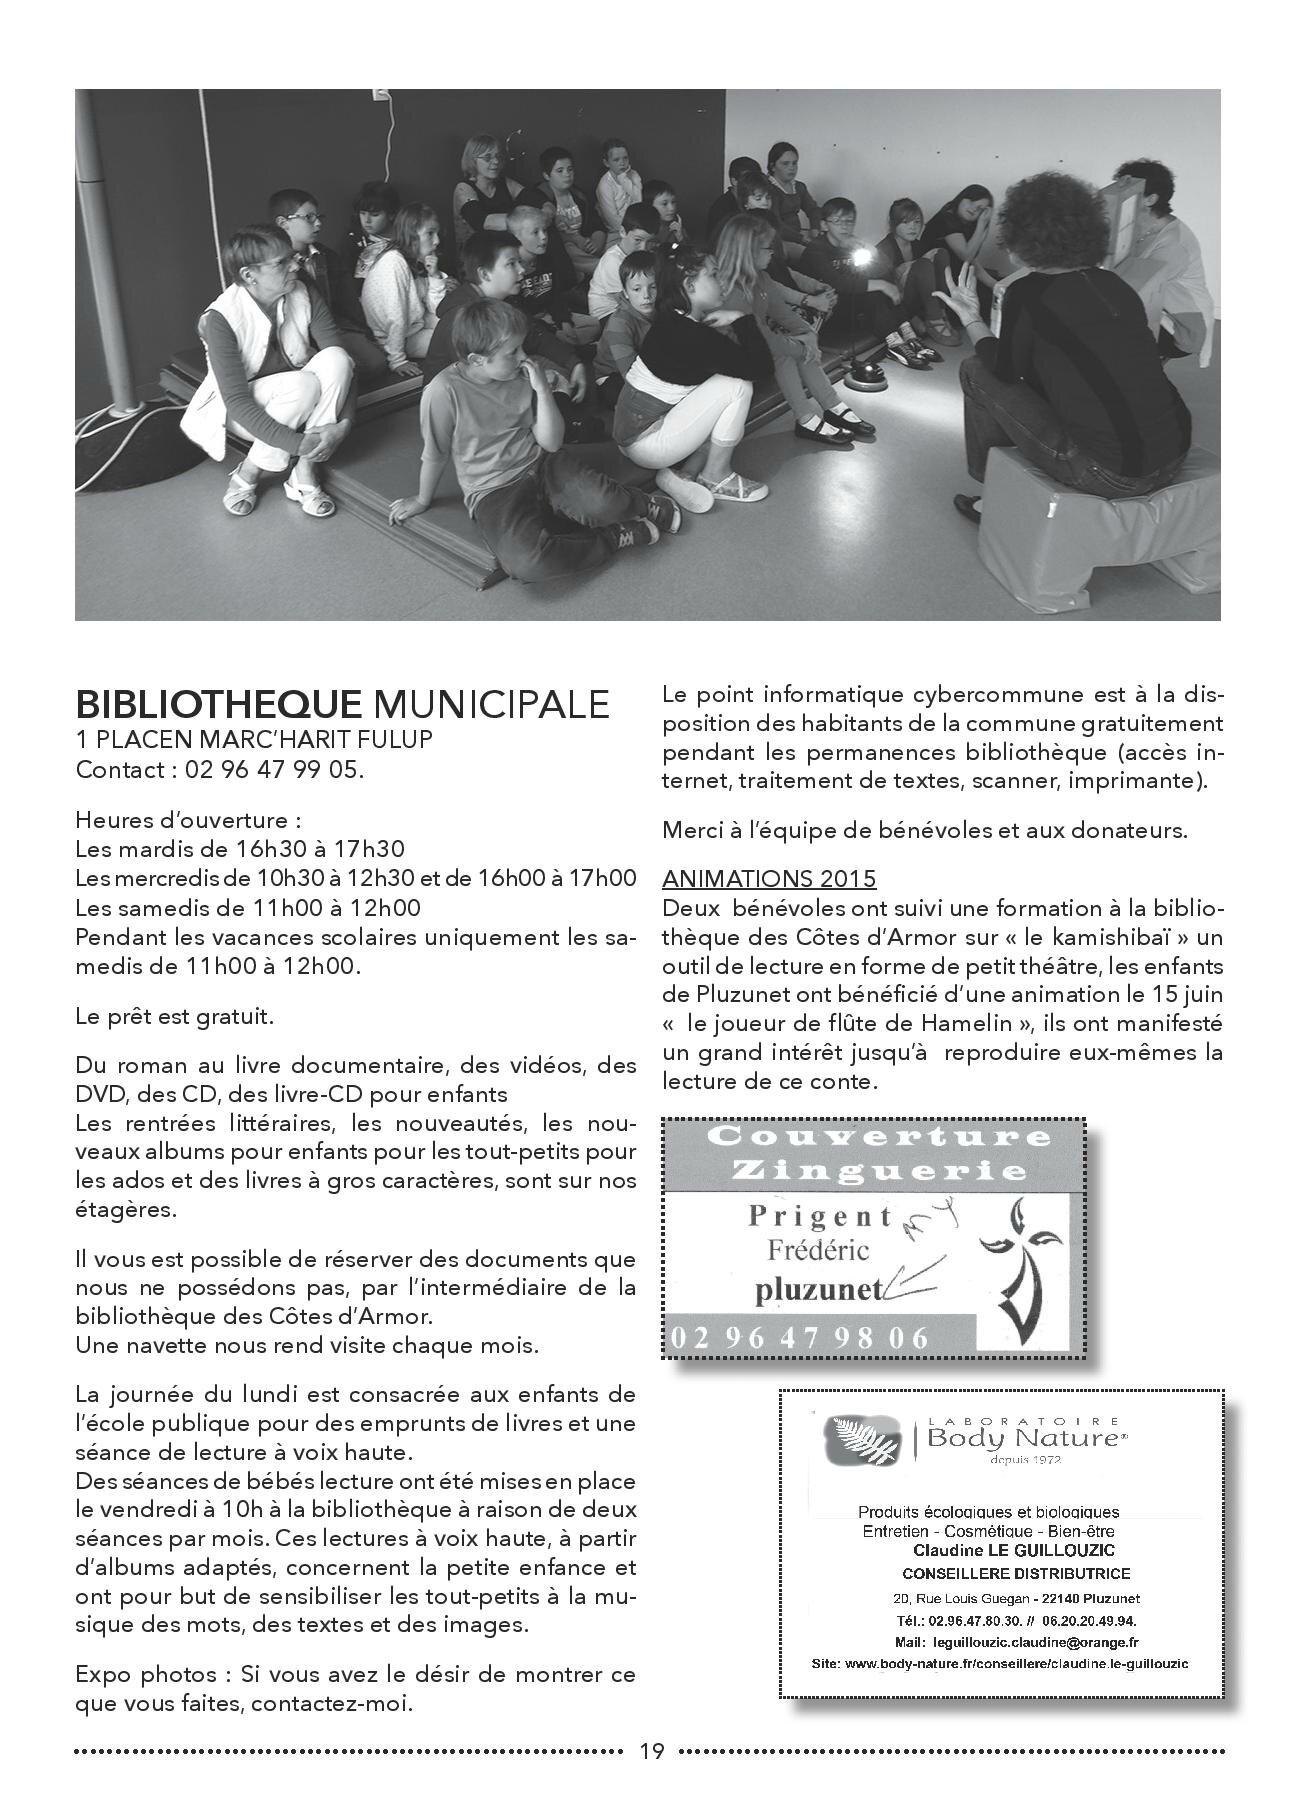 Bulletin municipal-page-019